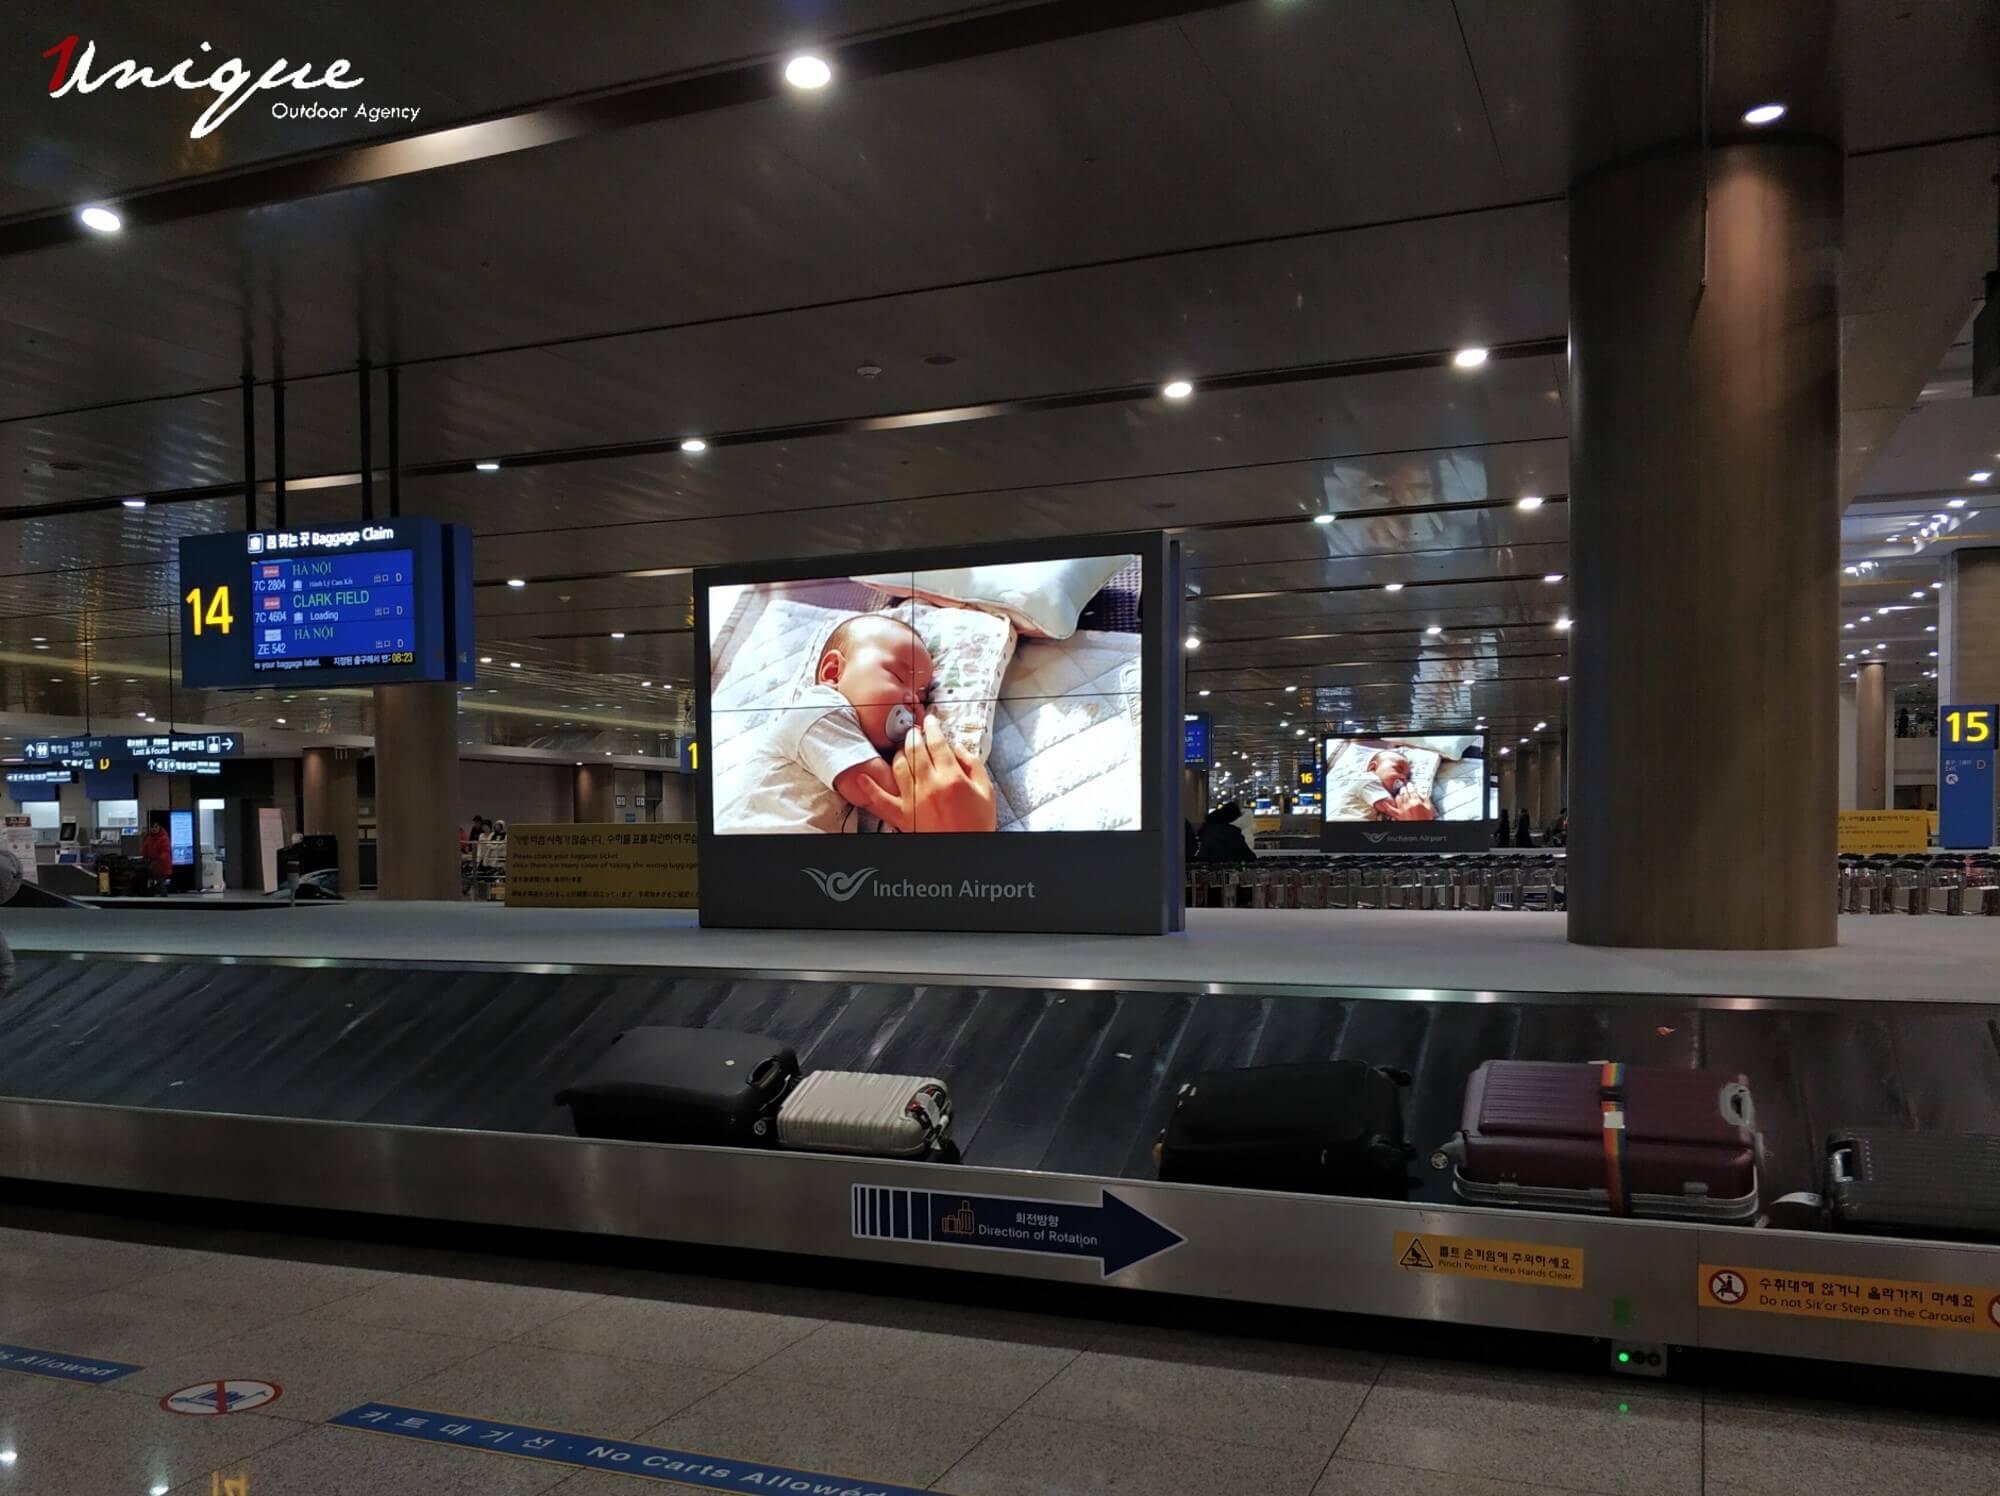 Du lịch Hàn Quốc dành cho nhân viên xuất sắc